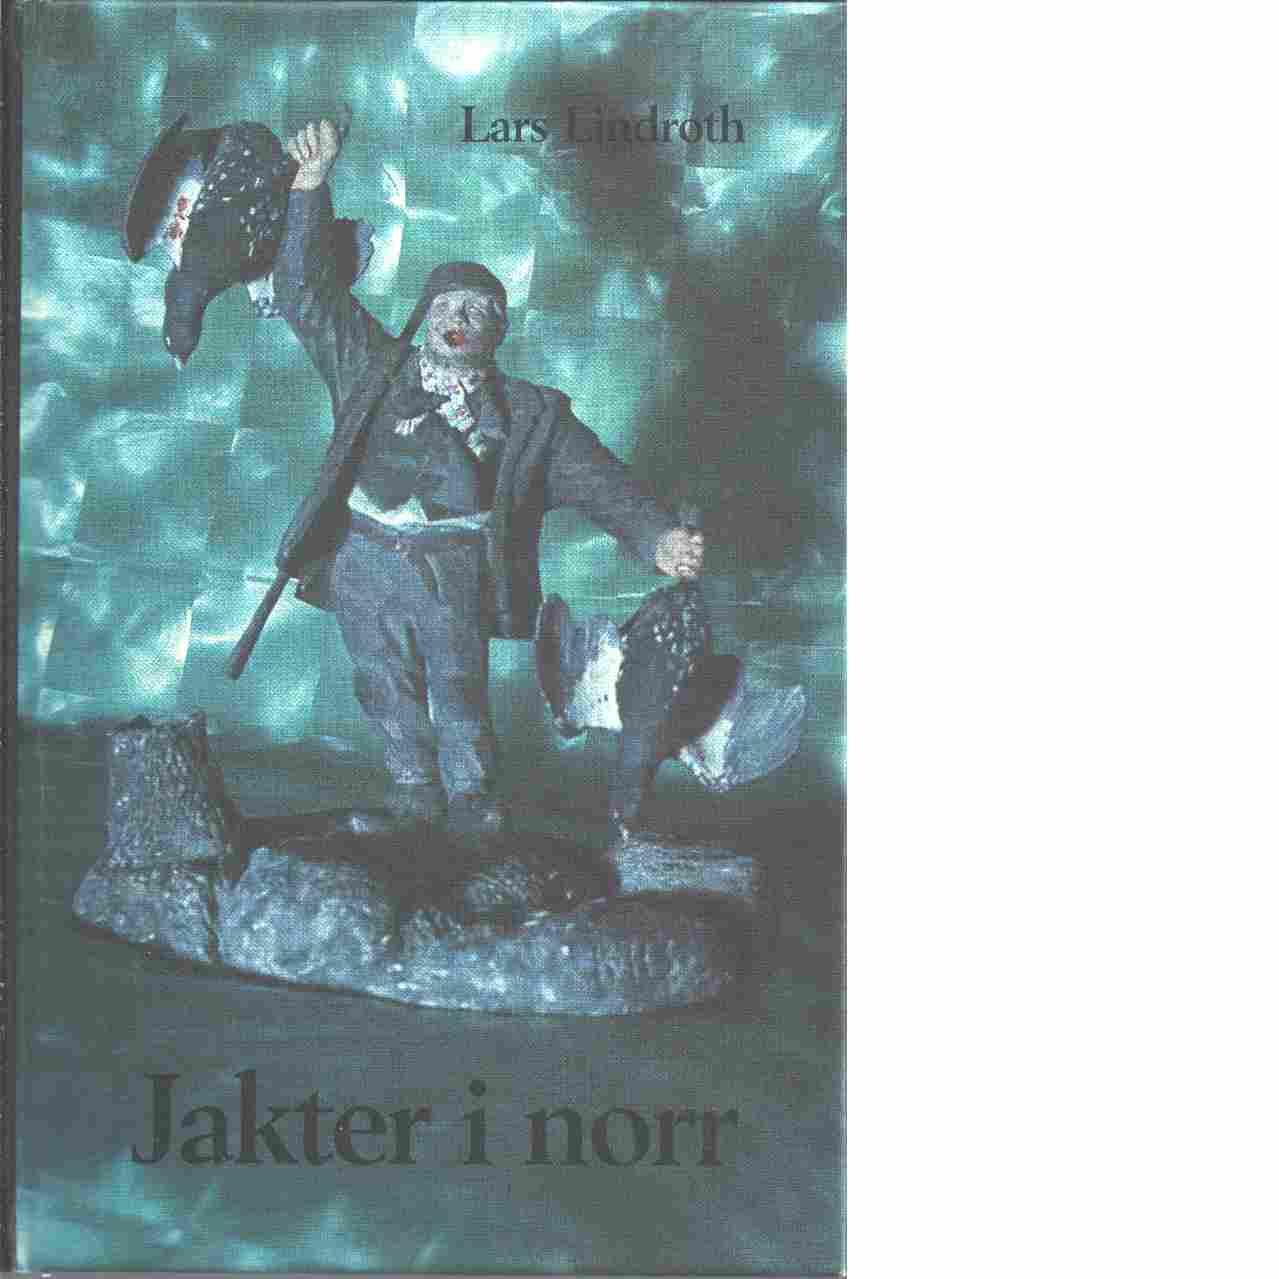 Jakter i norr - Lindroth, Lars